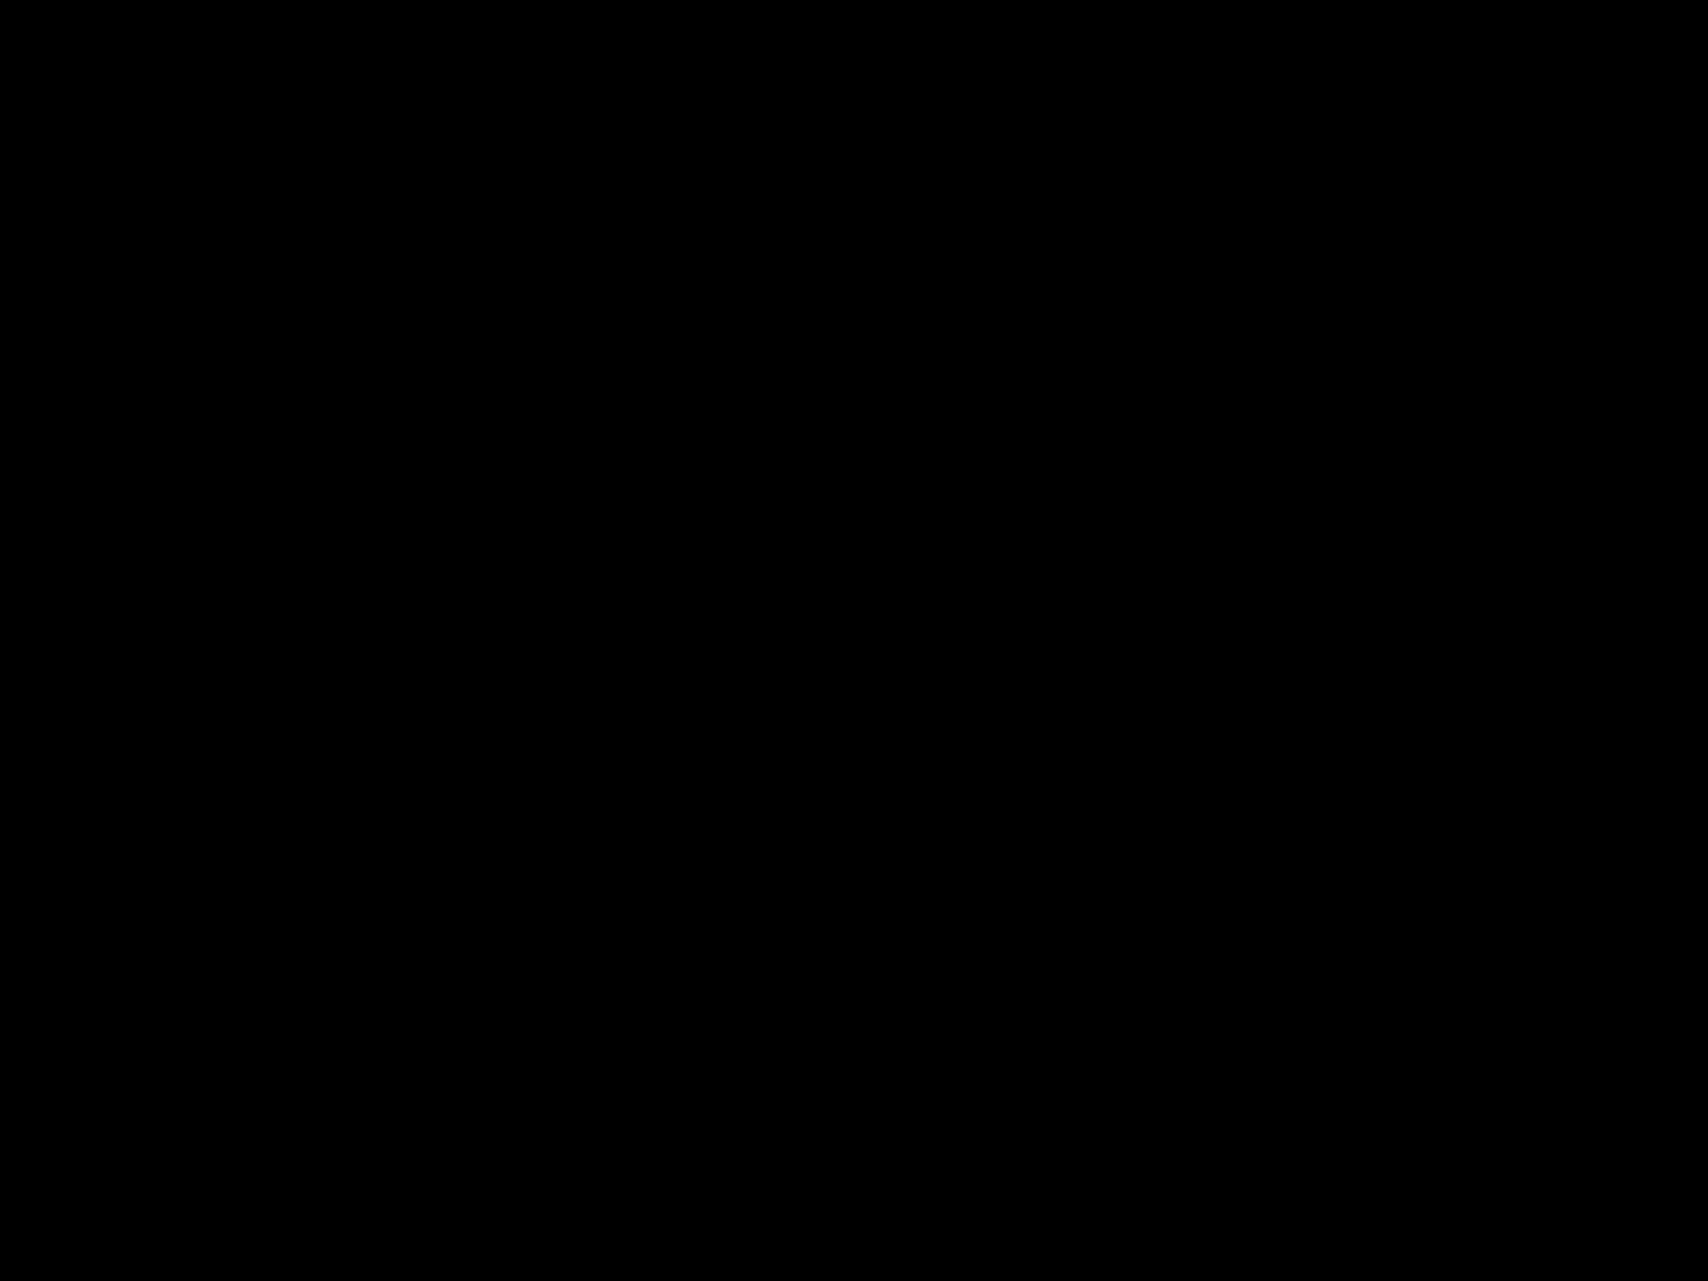 23779_02.jpg